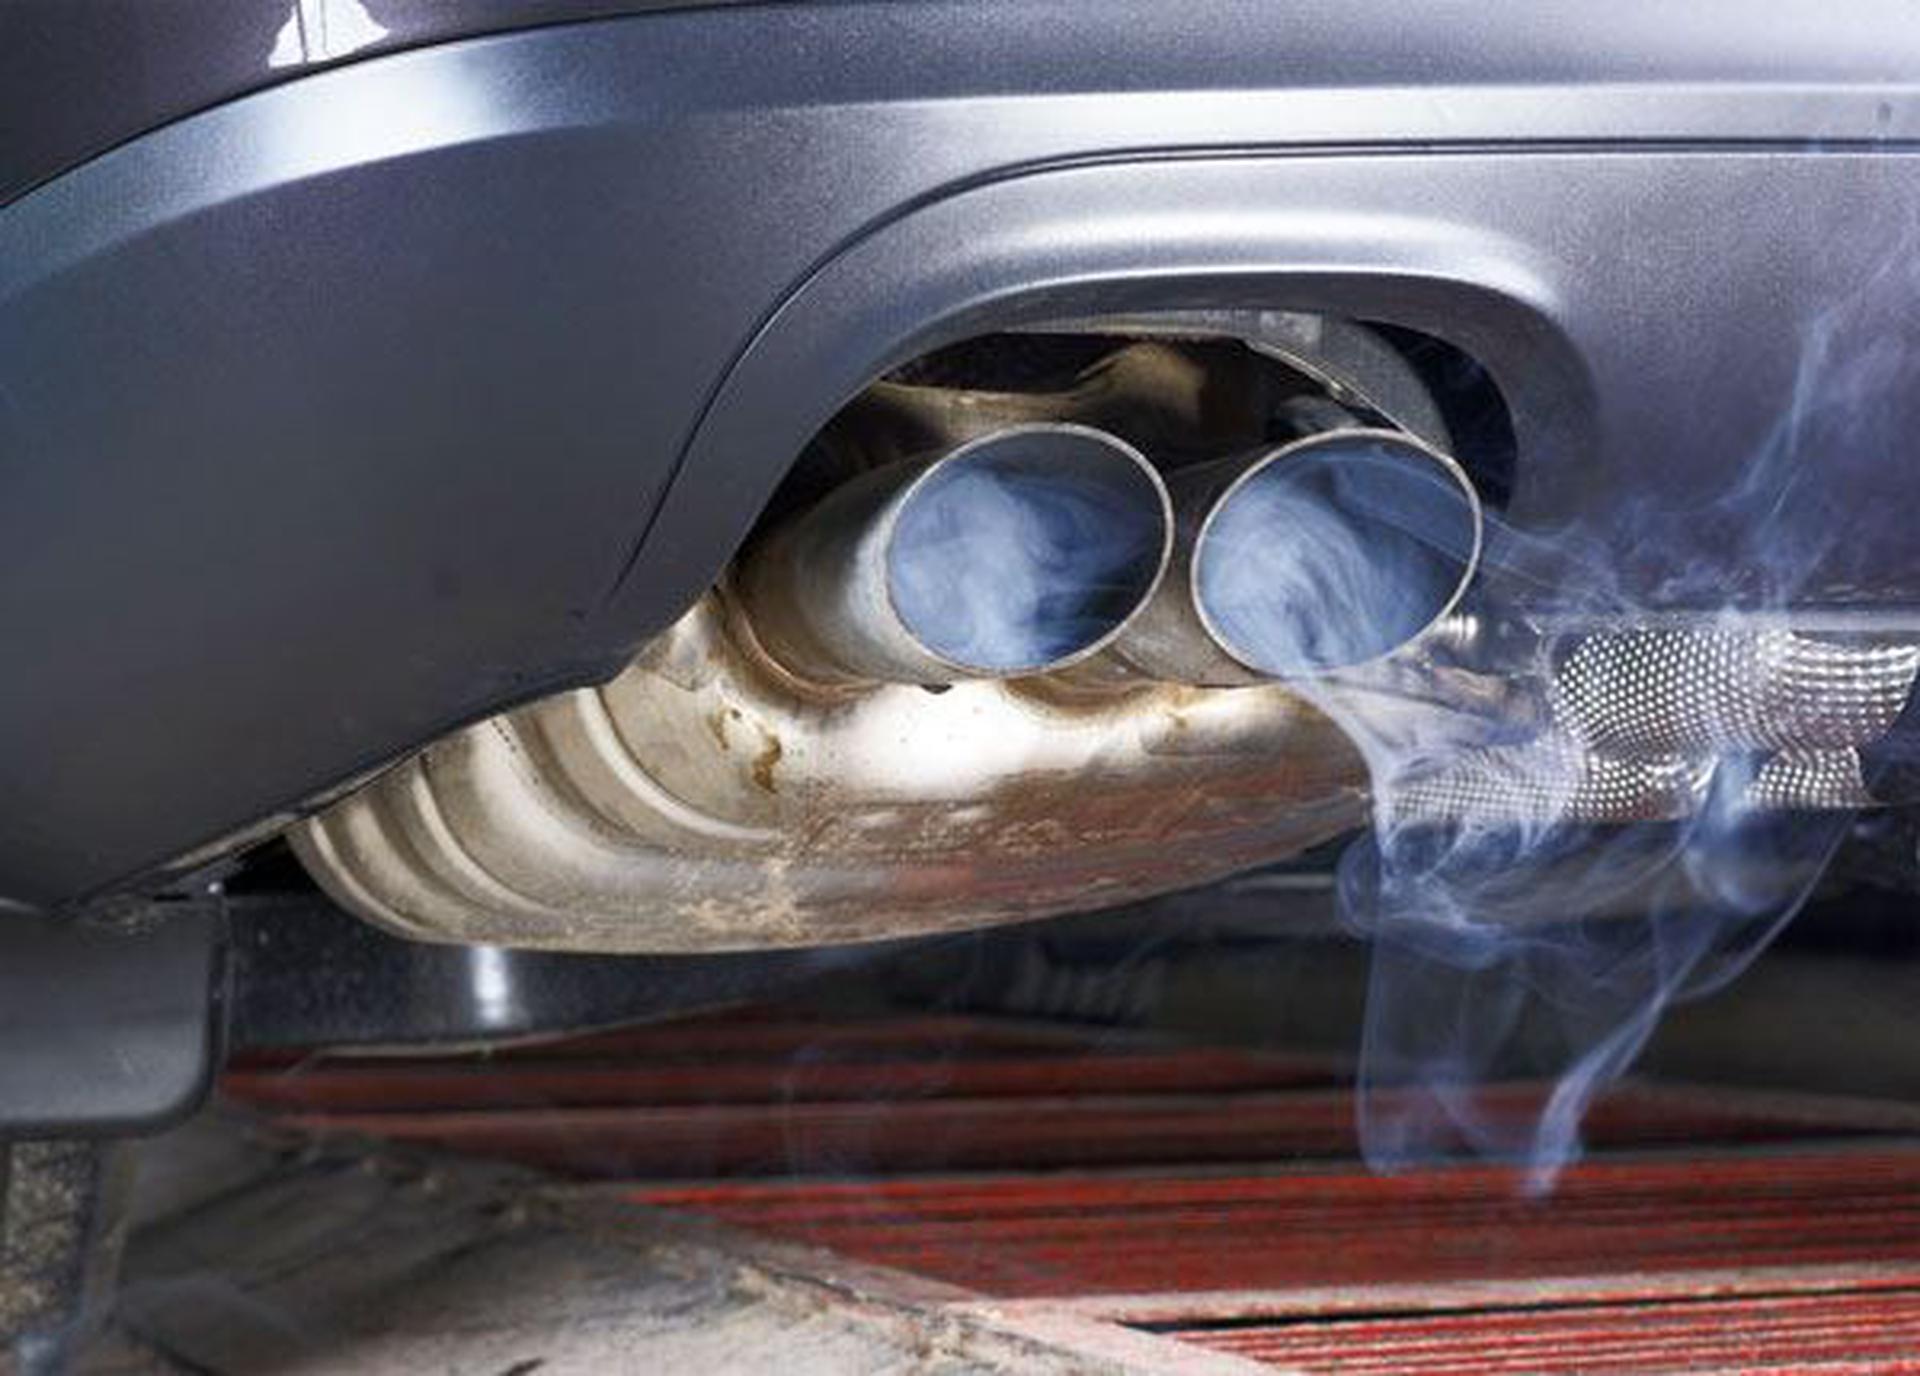 Risk of Carbon Monoxide Poisnong